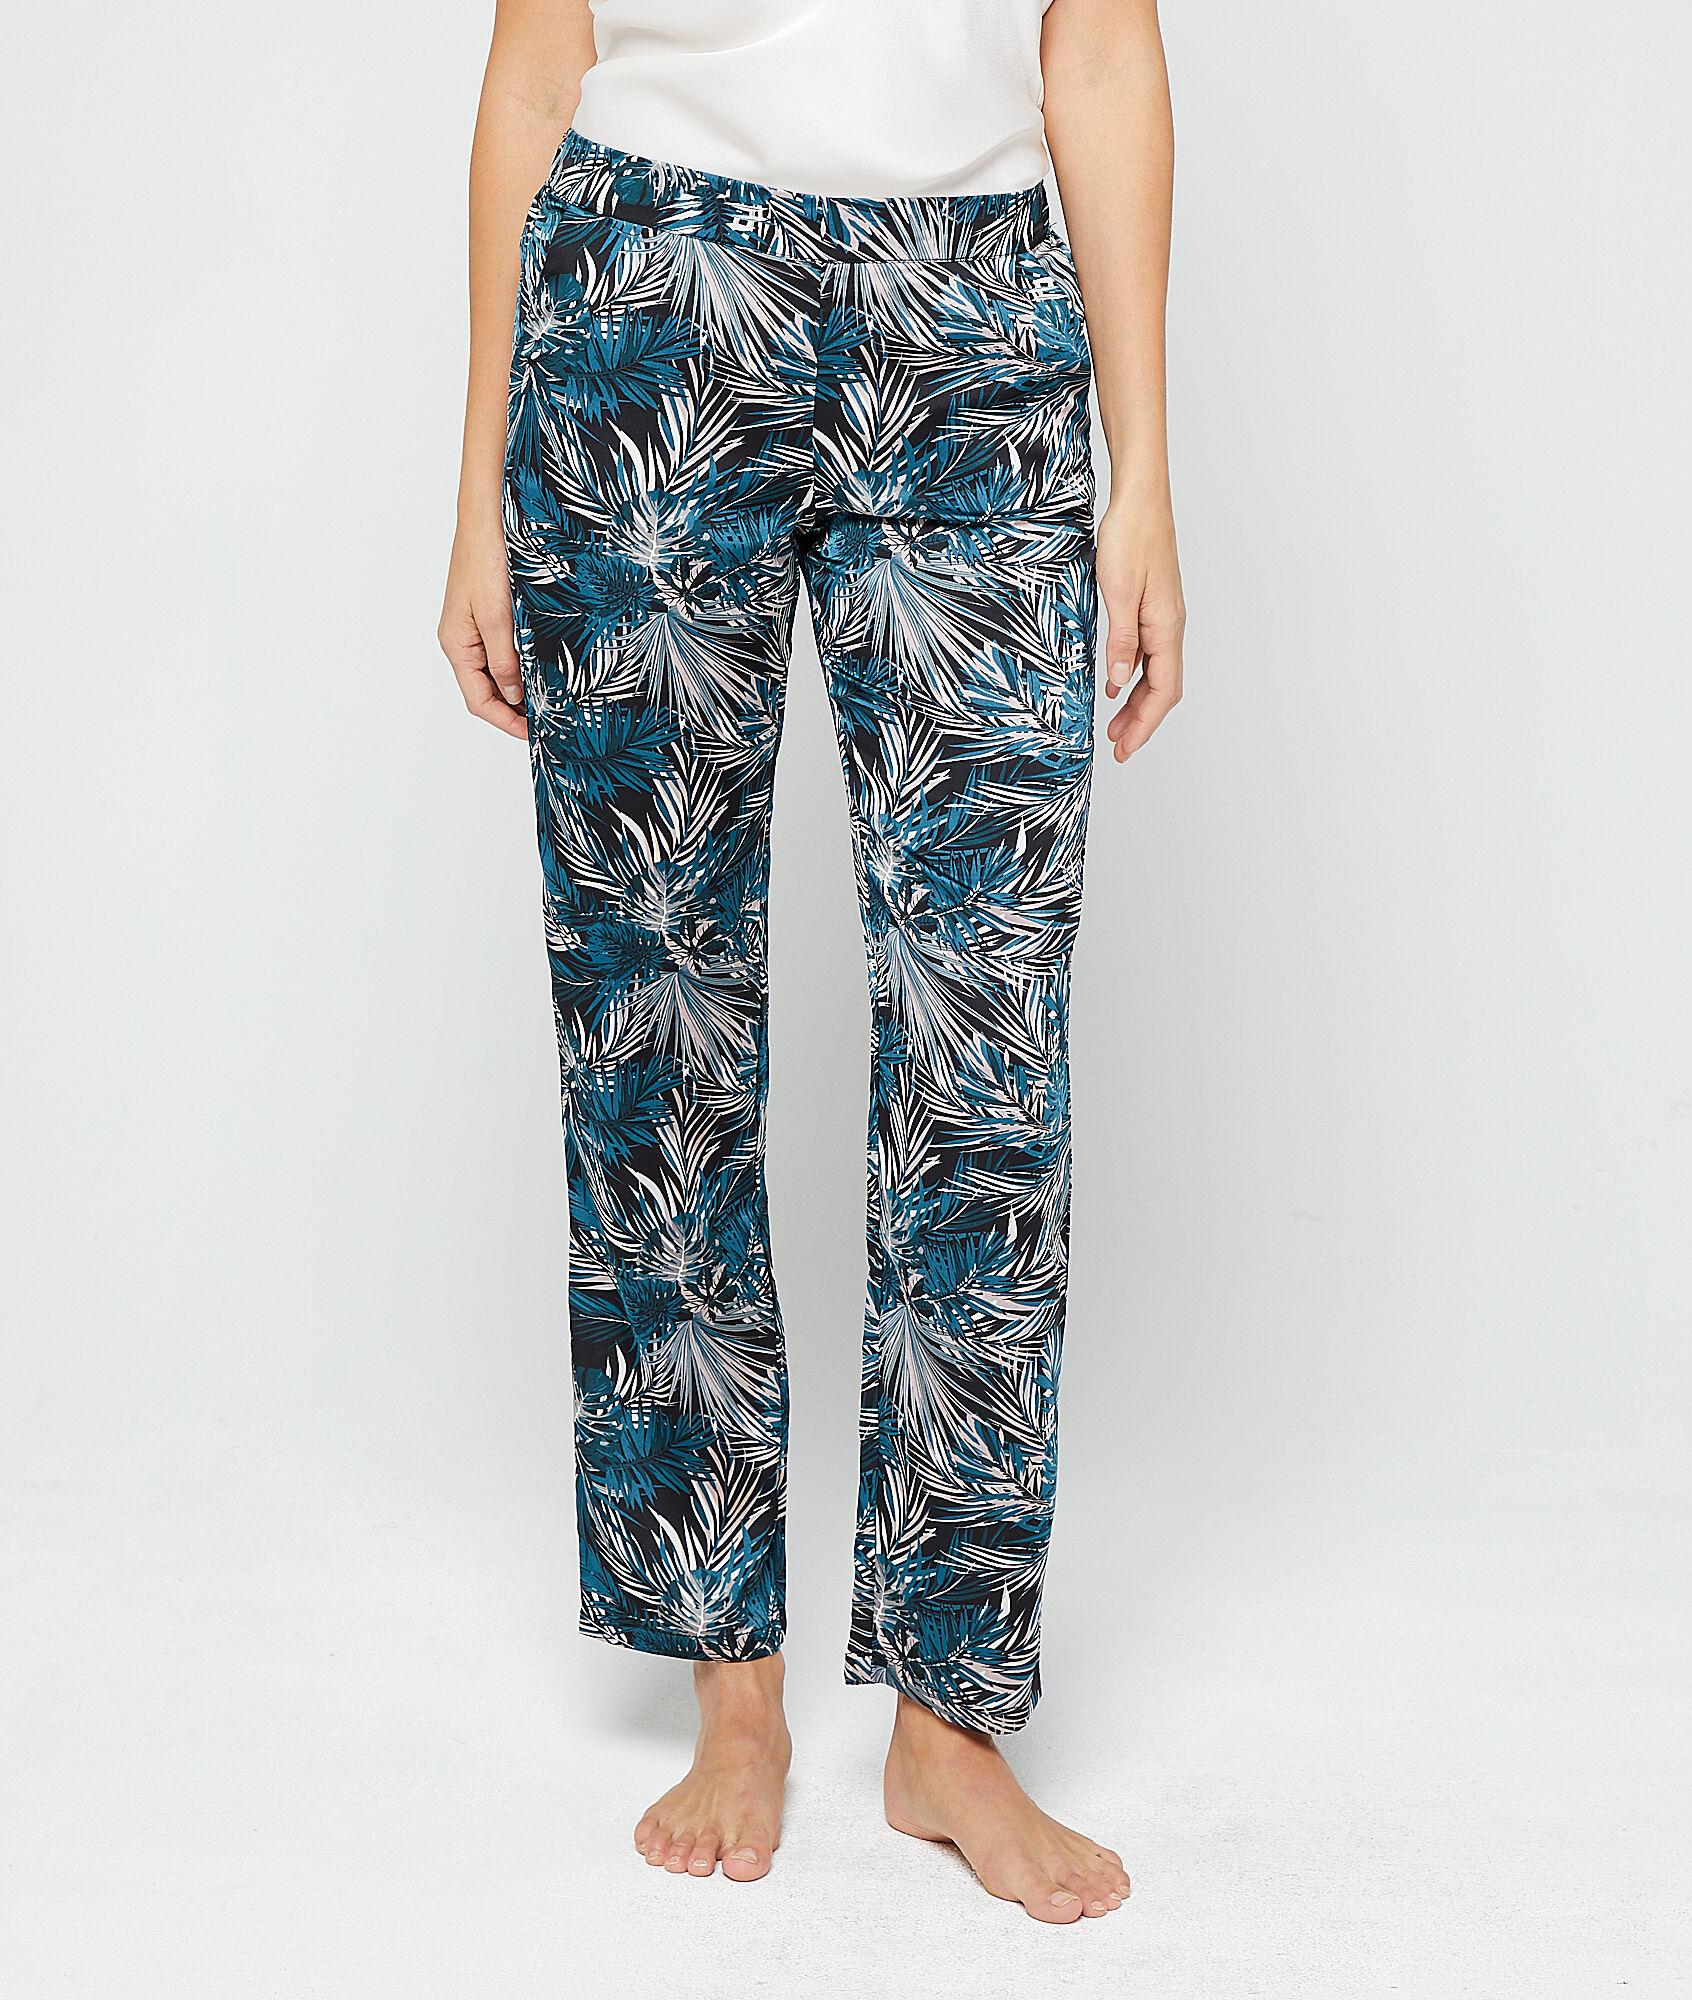 JARODI Spodnie z nadrukiem liści